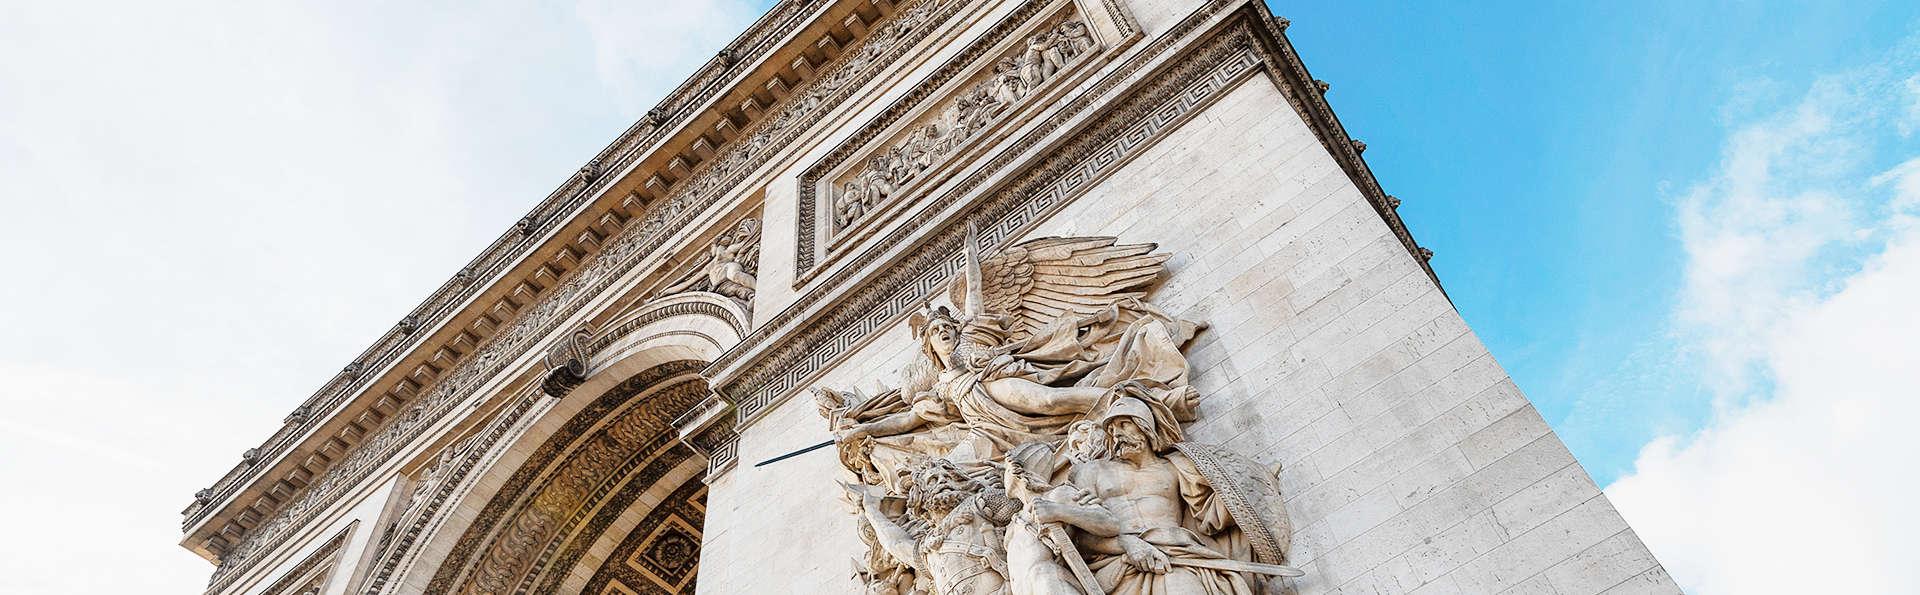 Week-end à Paris avec visite de l'Arc de Triomphe